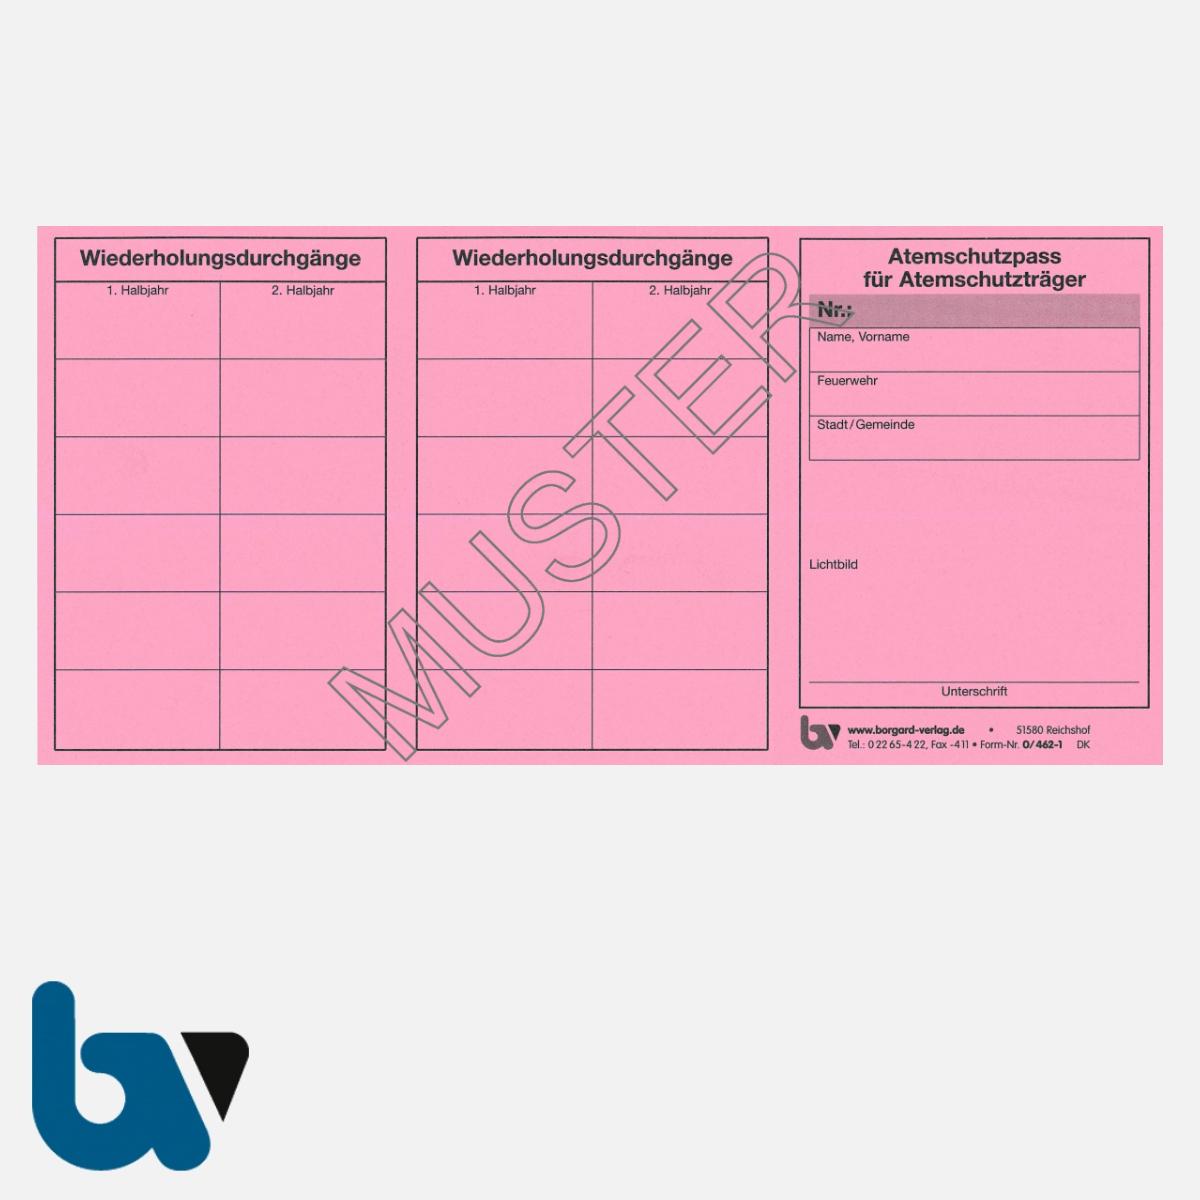 0/462-1 Atemschutzpass Atemschutzträger Feuerwehr rosa Neobond VS | Borgard Verlag GmbH